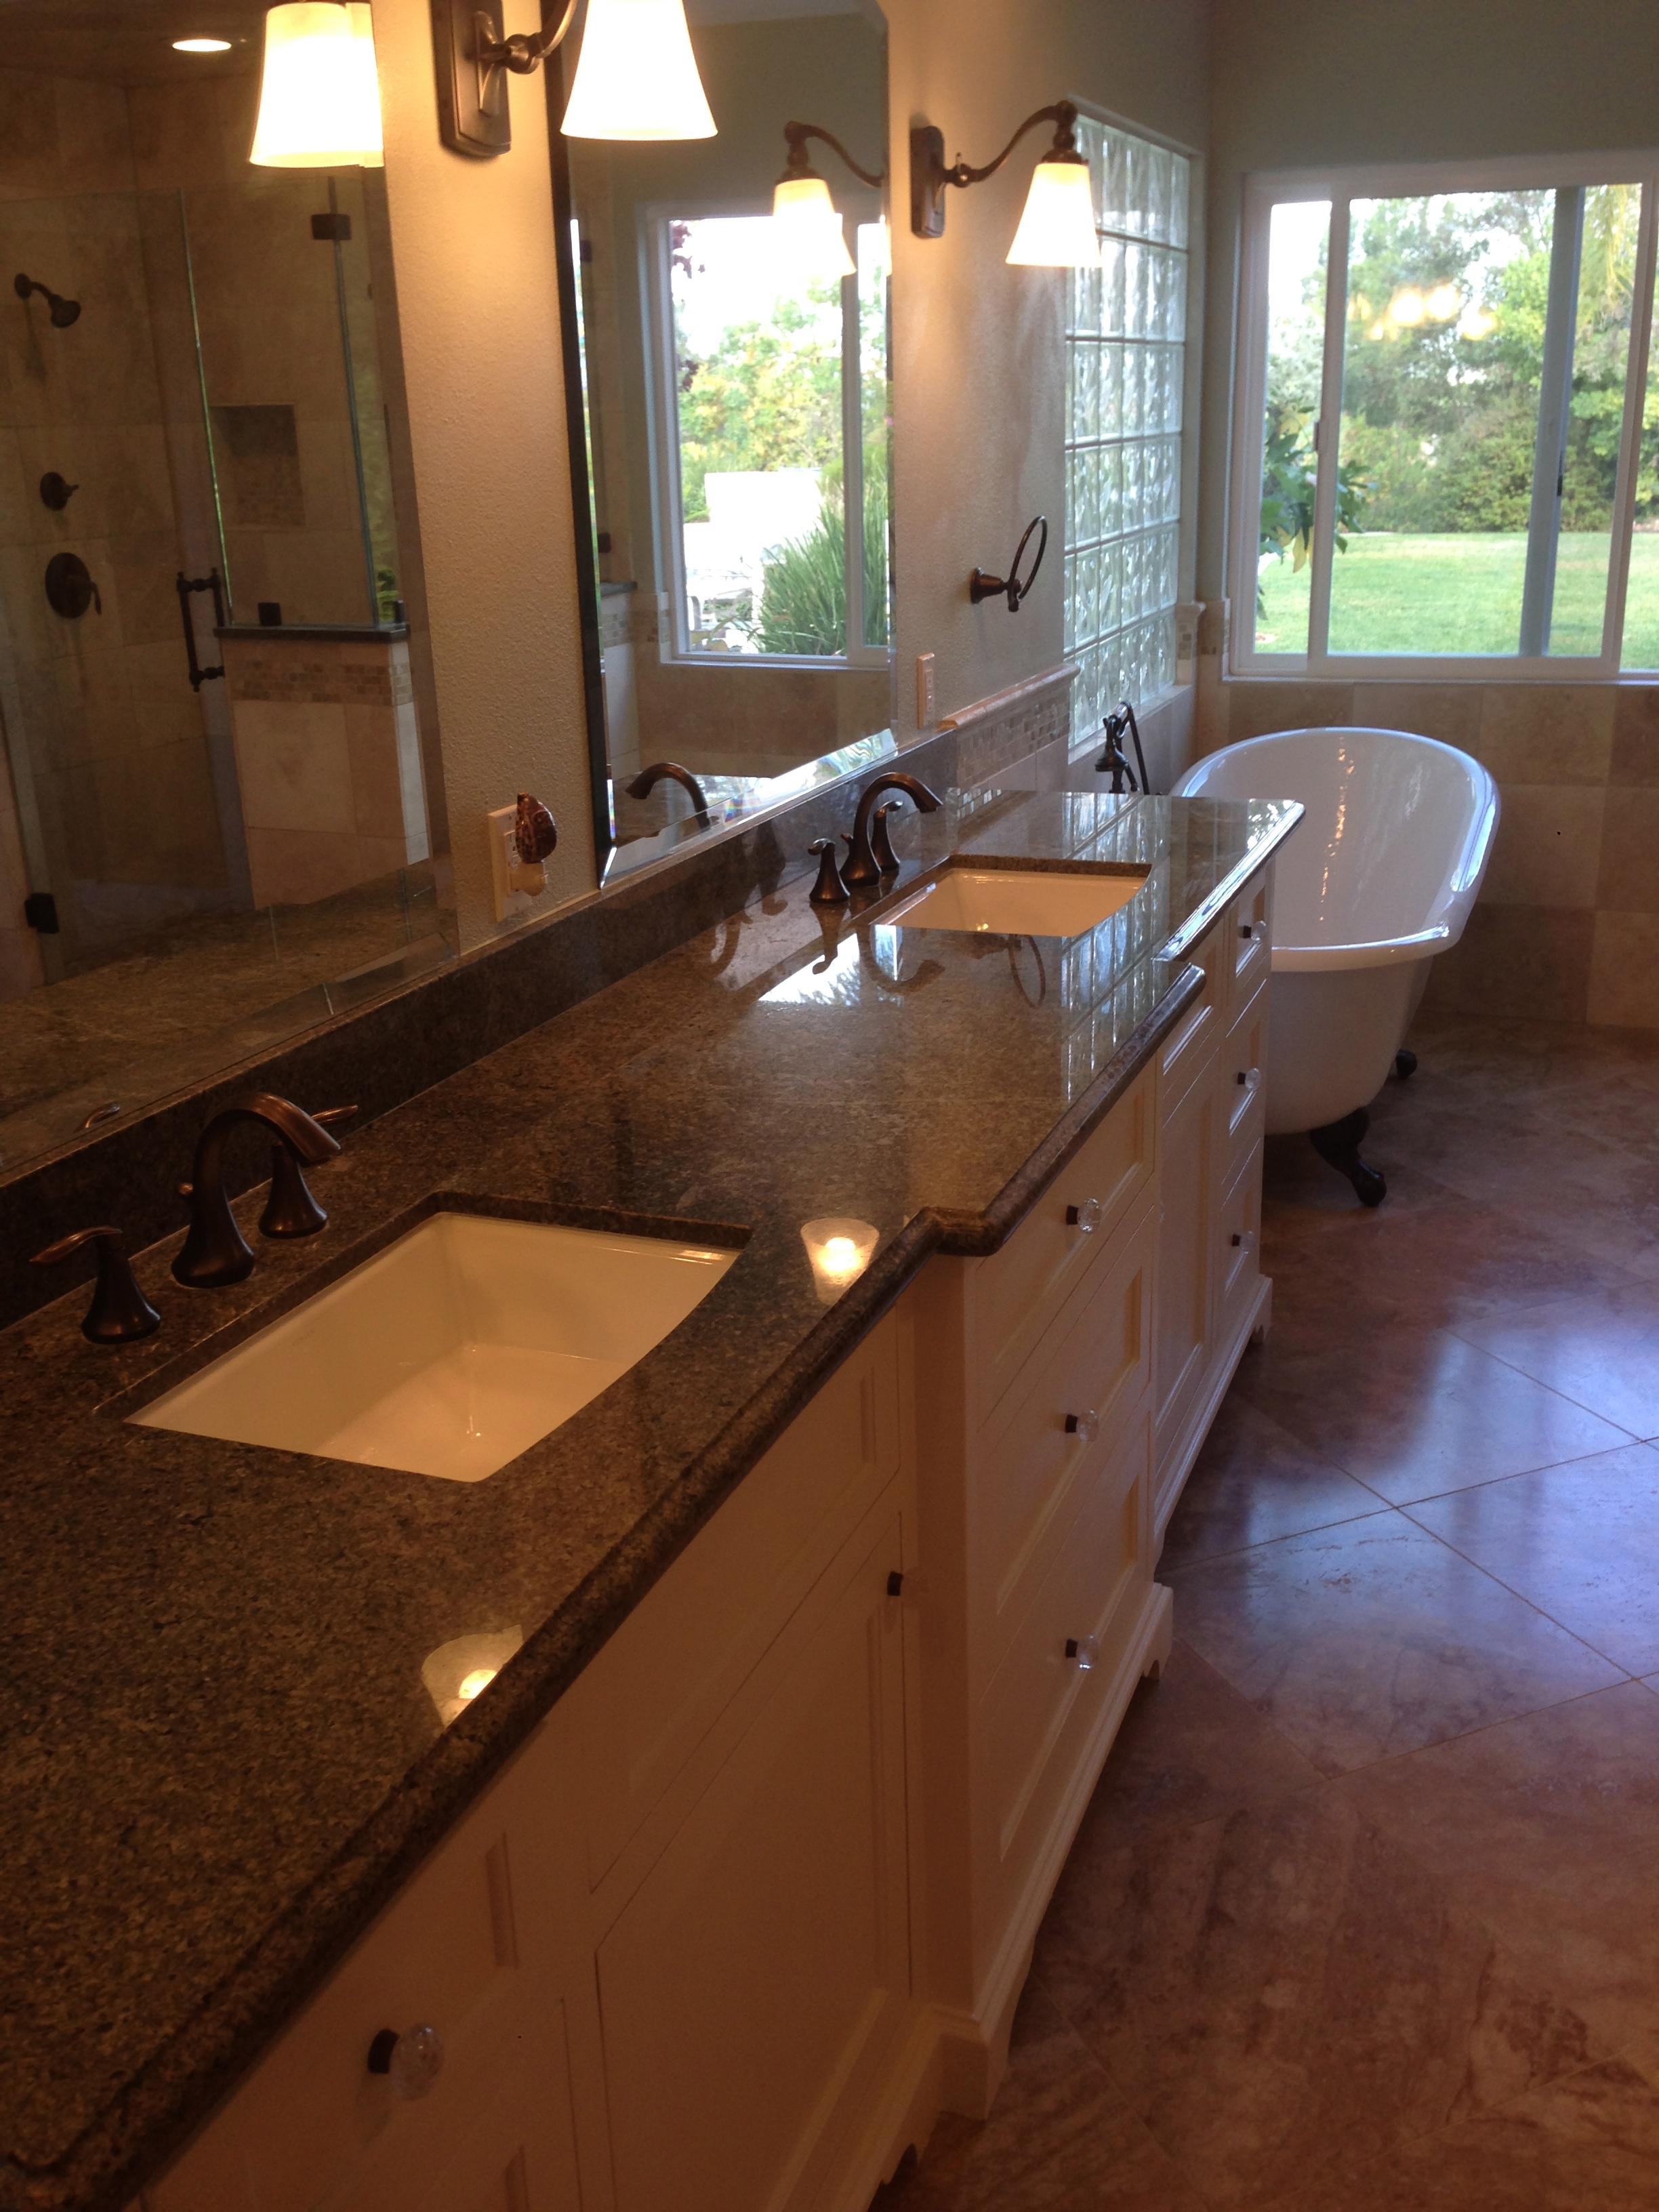 Bathroom Remodel West Lake Village General Contractor CA - Minor bathroom remodel